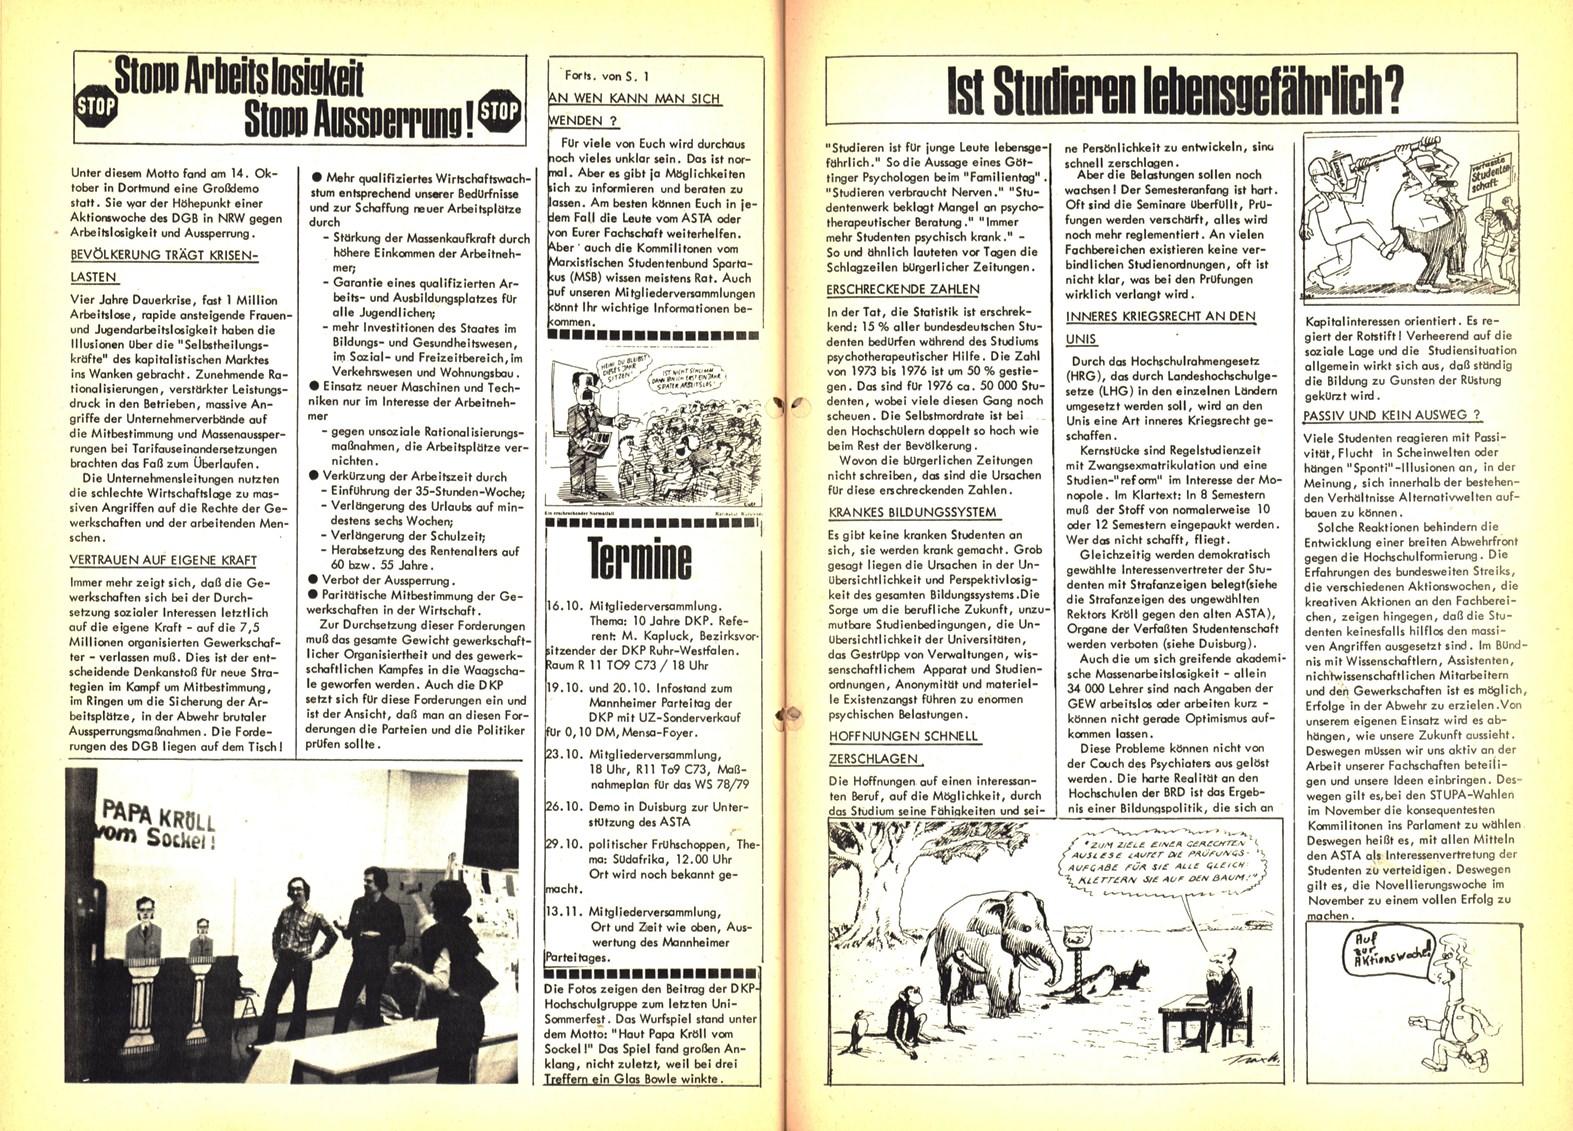 Essen_DKP_Kommunist_19781000_02